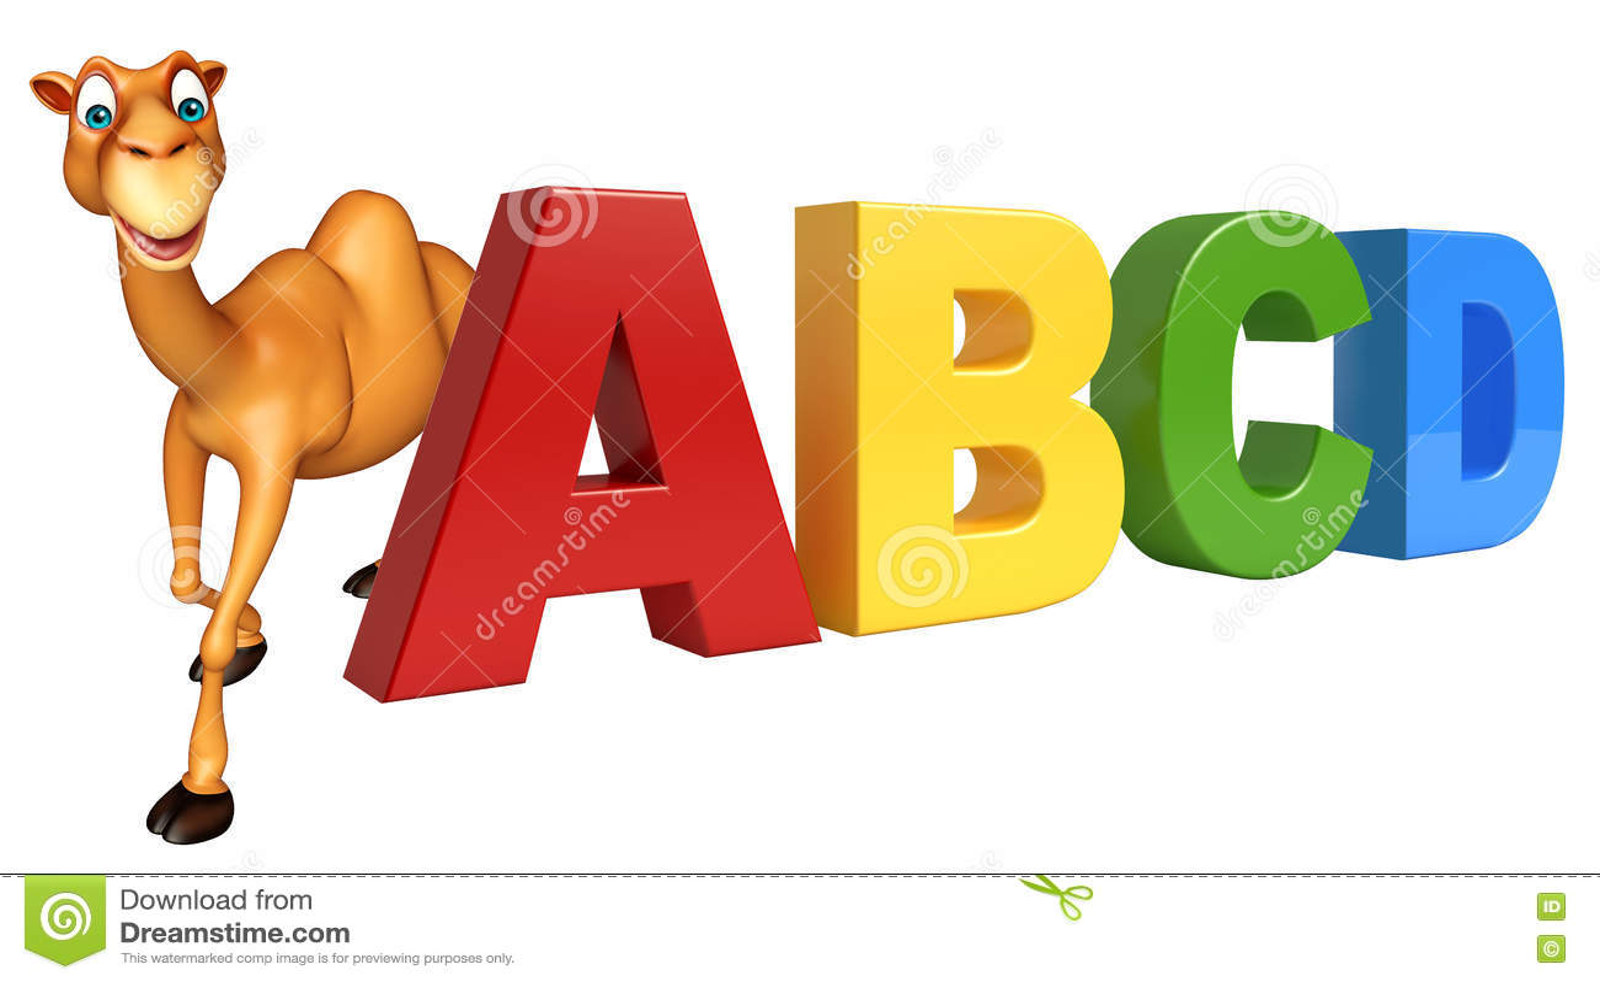 Χαρακτήρας κινουμένων σχεδίων καμηλών διασκέδασης με το σημάδι ABCD